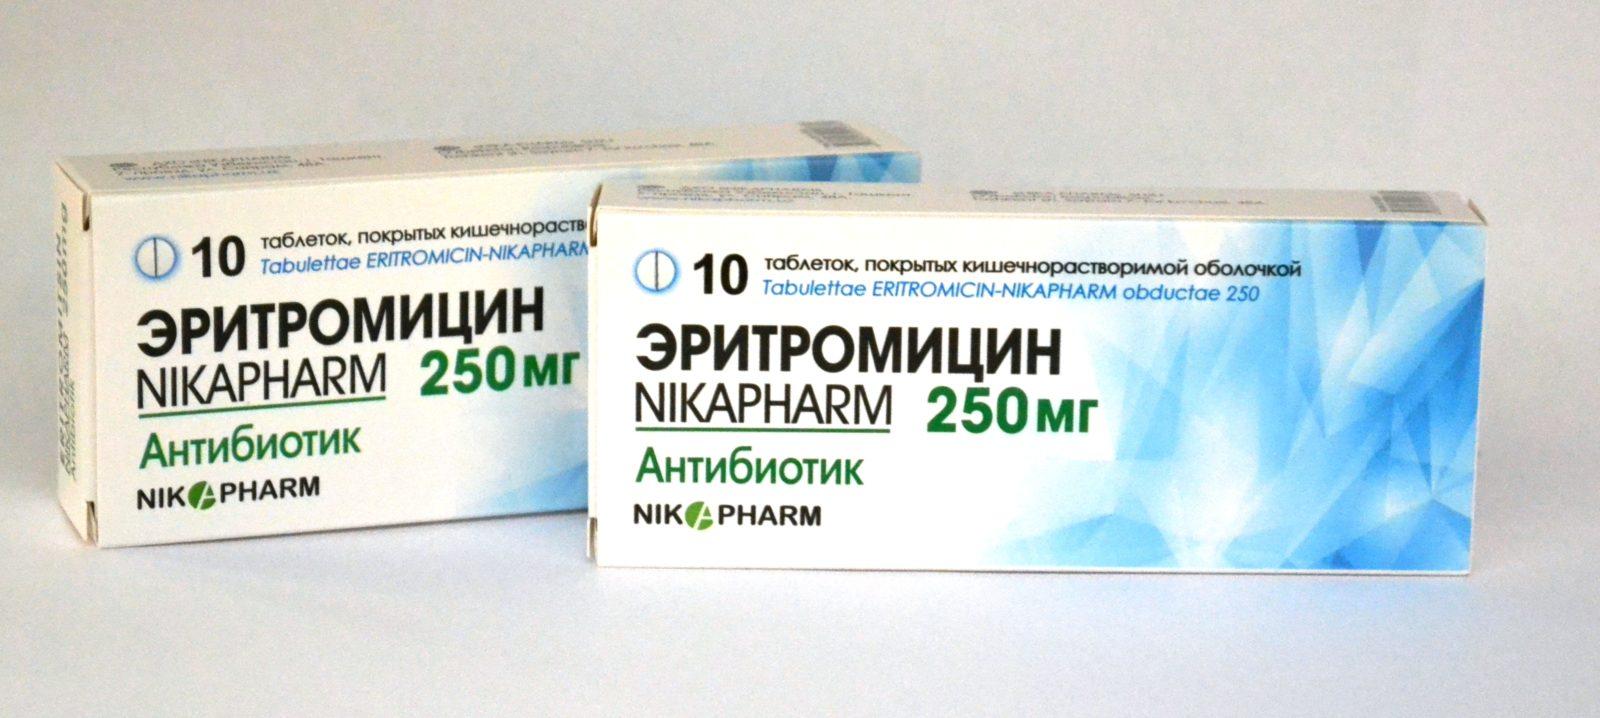 Эритромицин от прыщей – таблетки, инструкция, как принимать, отзывы